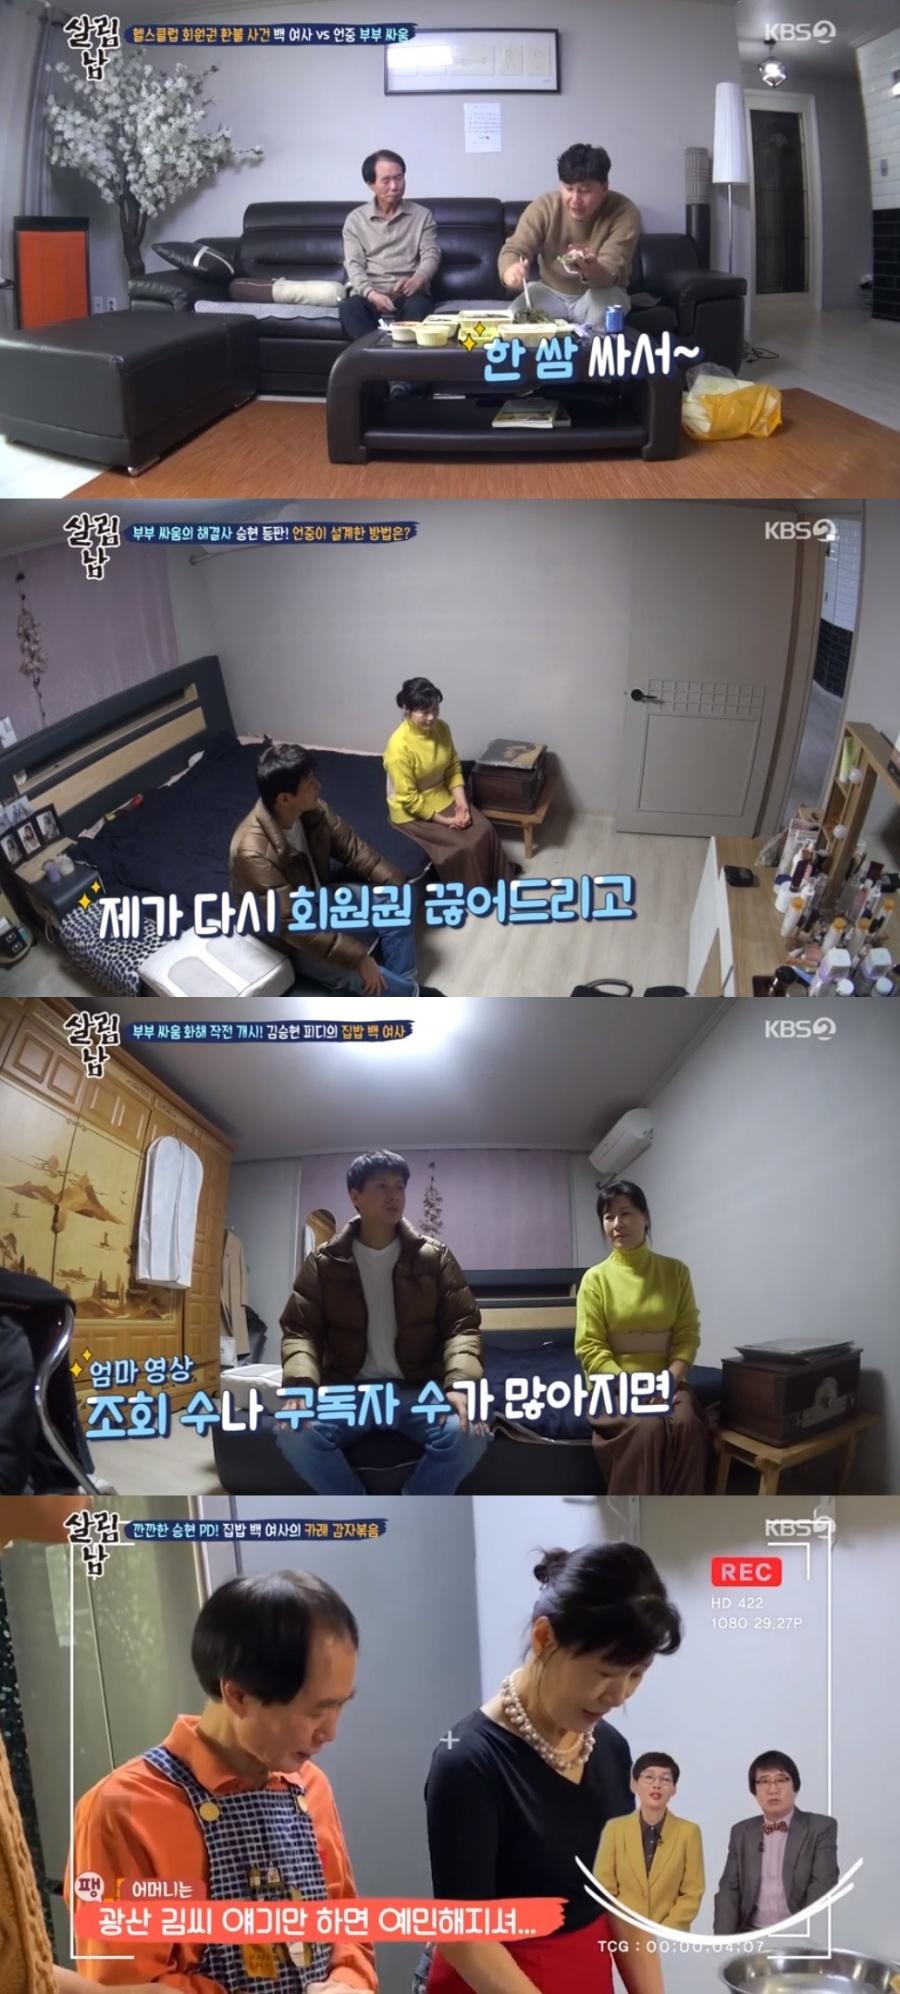 '살림남2' 김승현 어머니, '물욕자' 강림..화도 잊고 유튜브 영상 도전[독도 토토|갤럭시 토토]